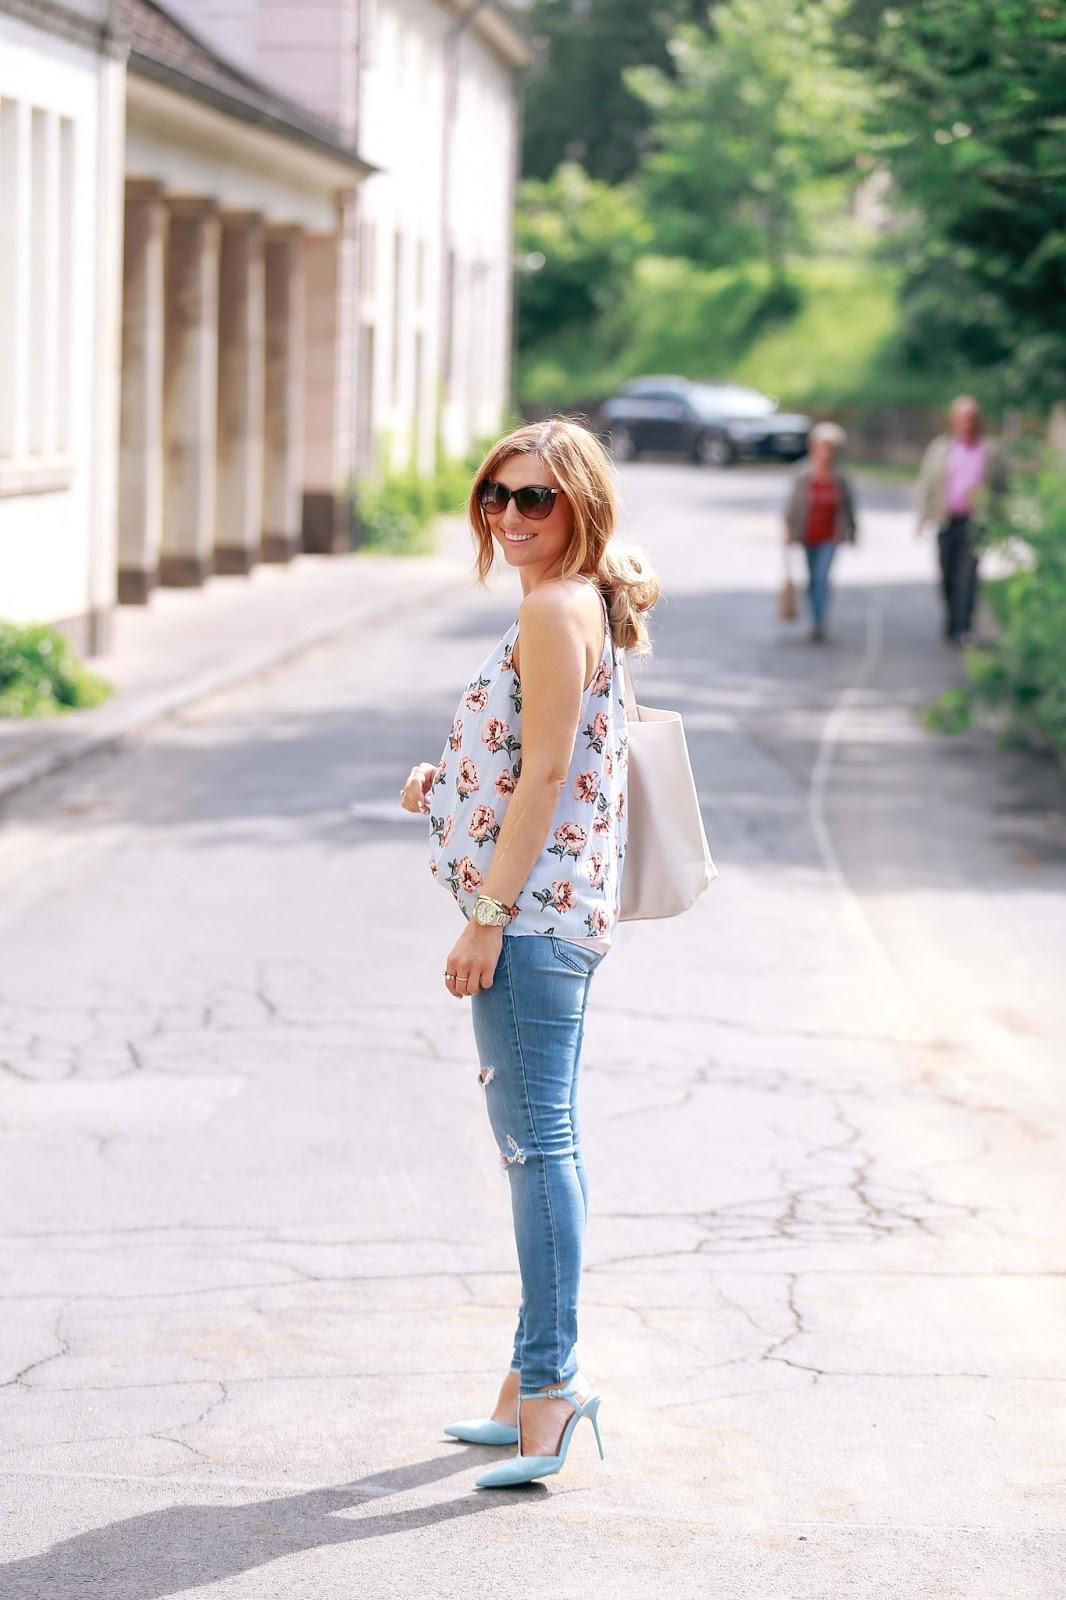 Fashionblogger-aus-deutschland